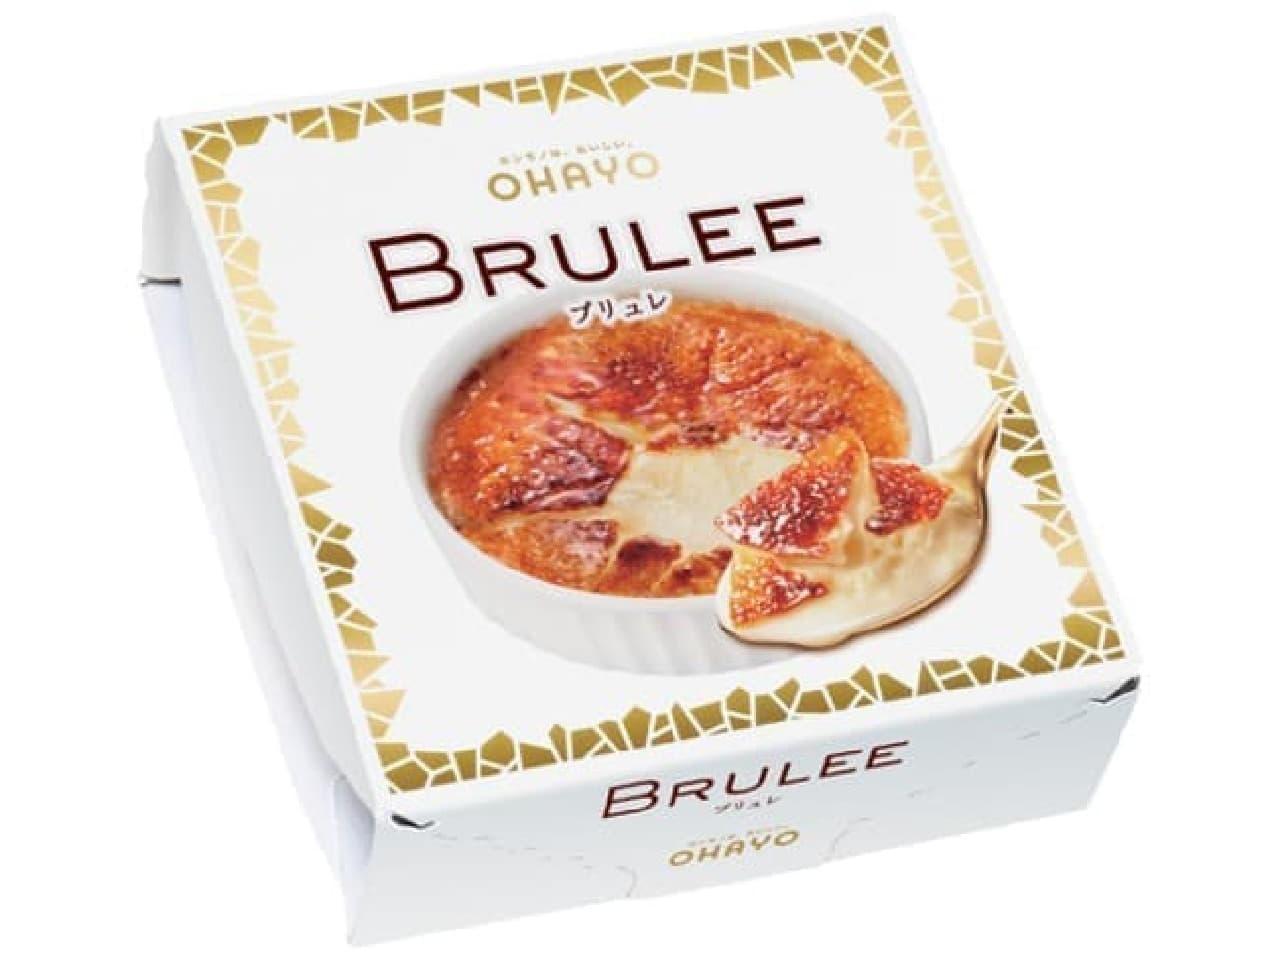 クレームブリュレ風アイス「BRULEE(ブリュレ)」